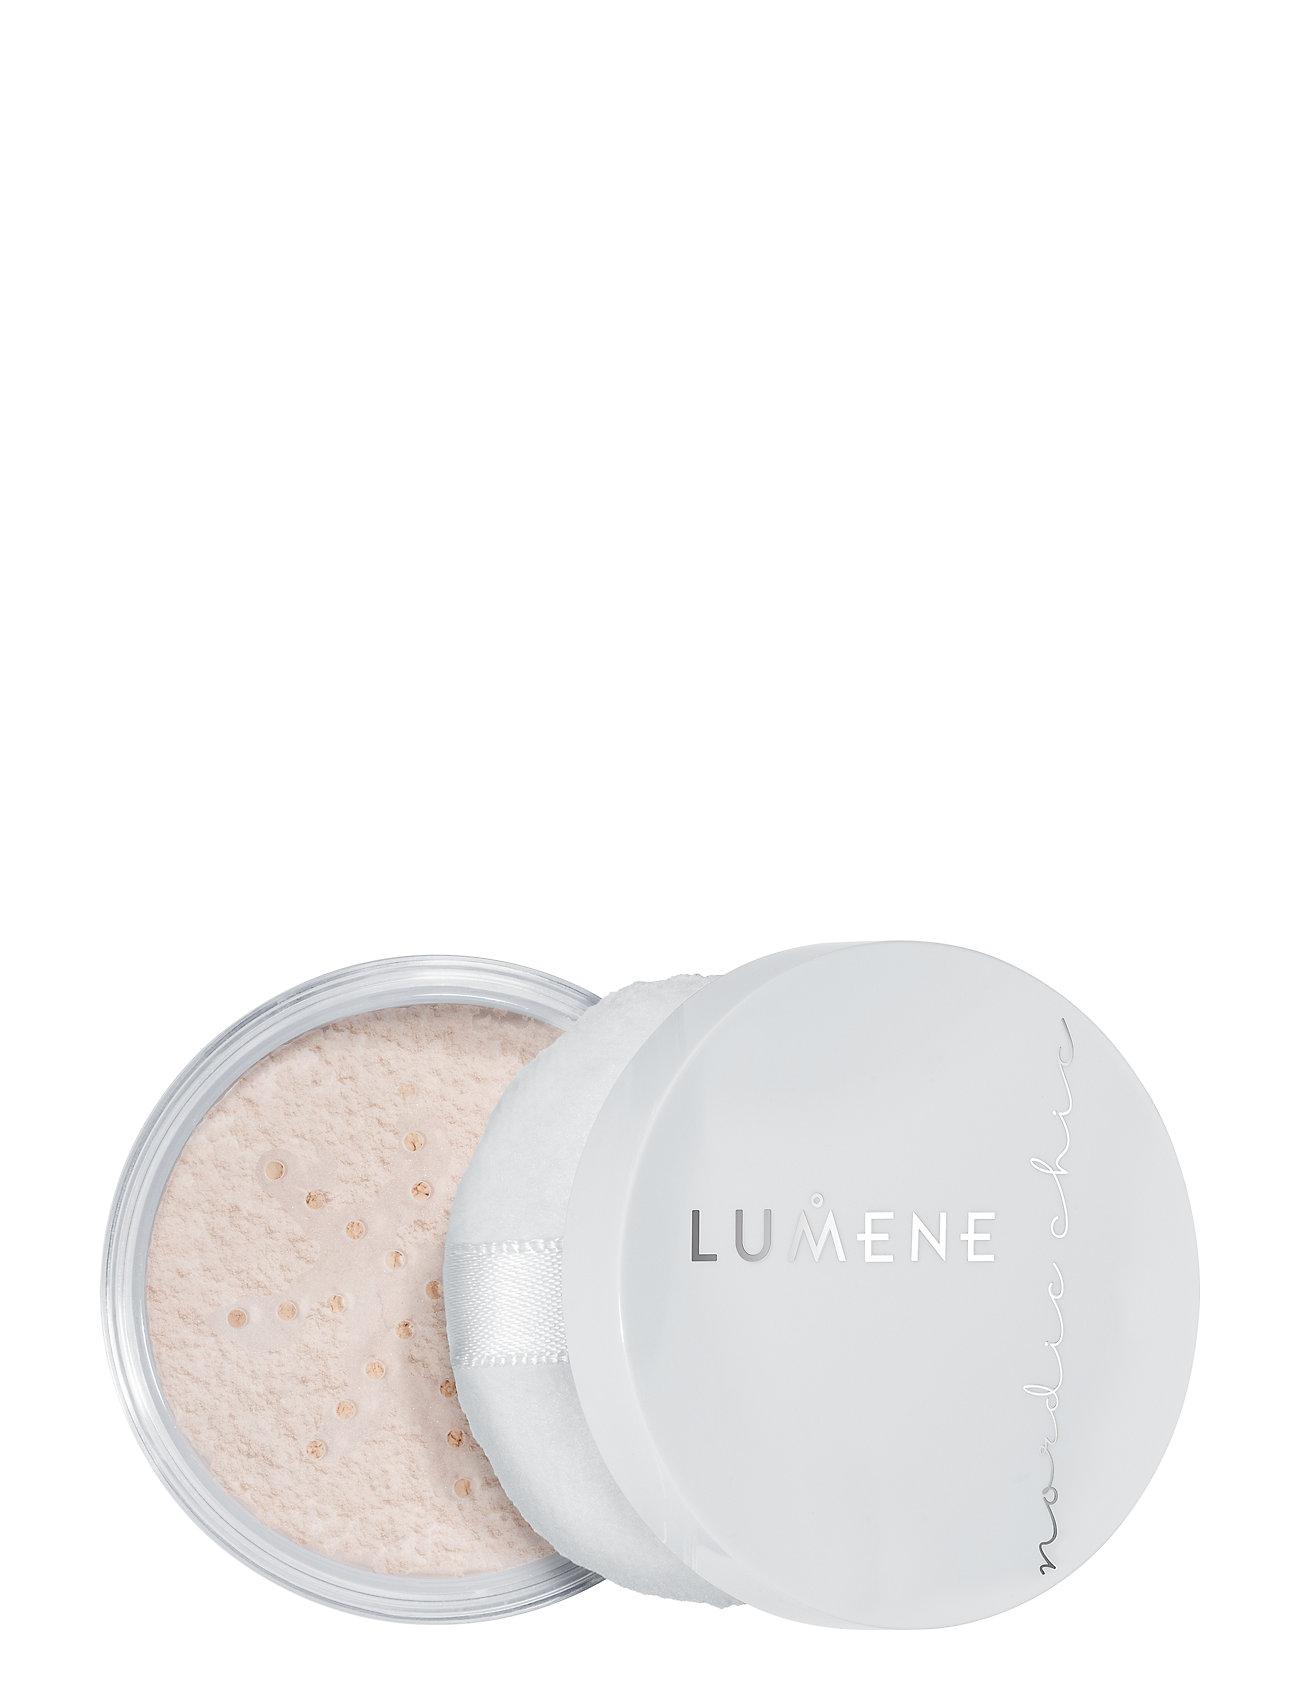 Image of Nordic Chic Sheer Finish Loose Powder Pudder Makeup LUMENE (3297685239)